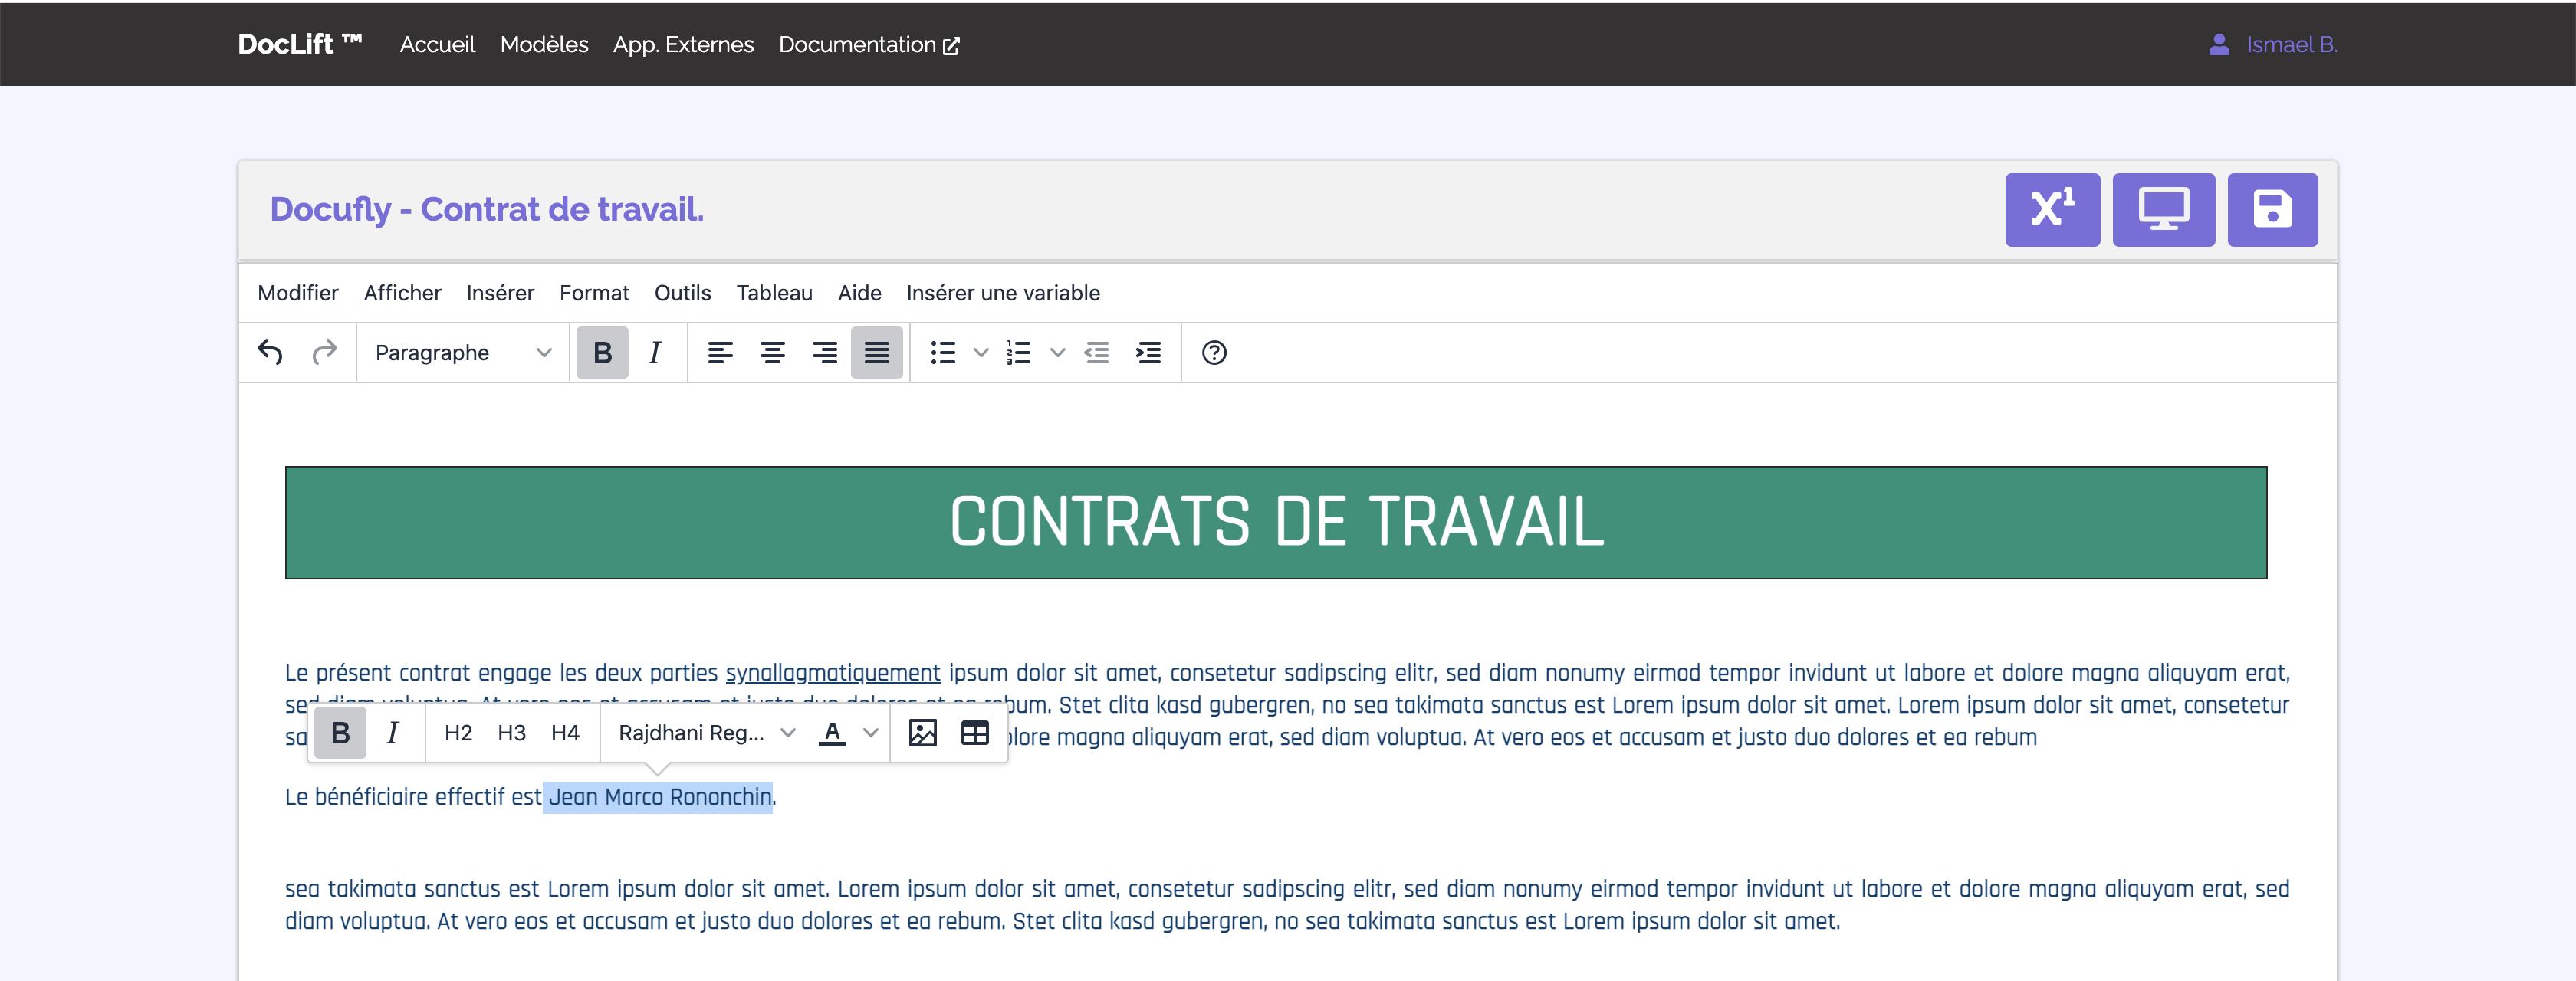 Montre un aperçu de l'éditeur de modèles de PDF de Doclift